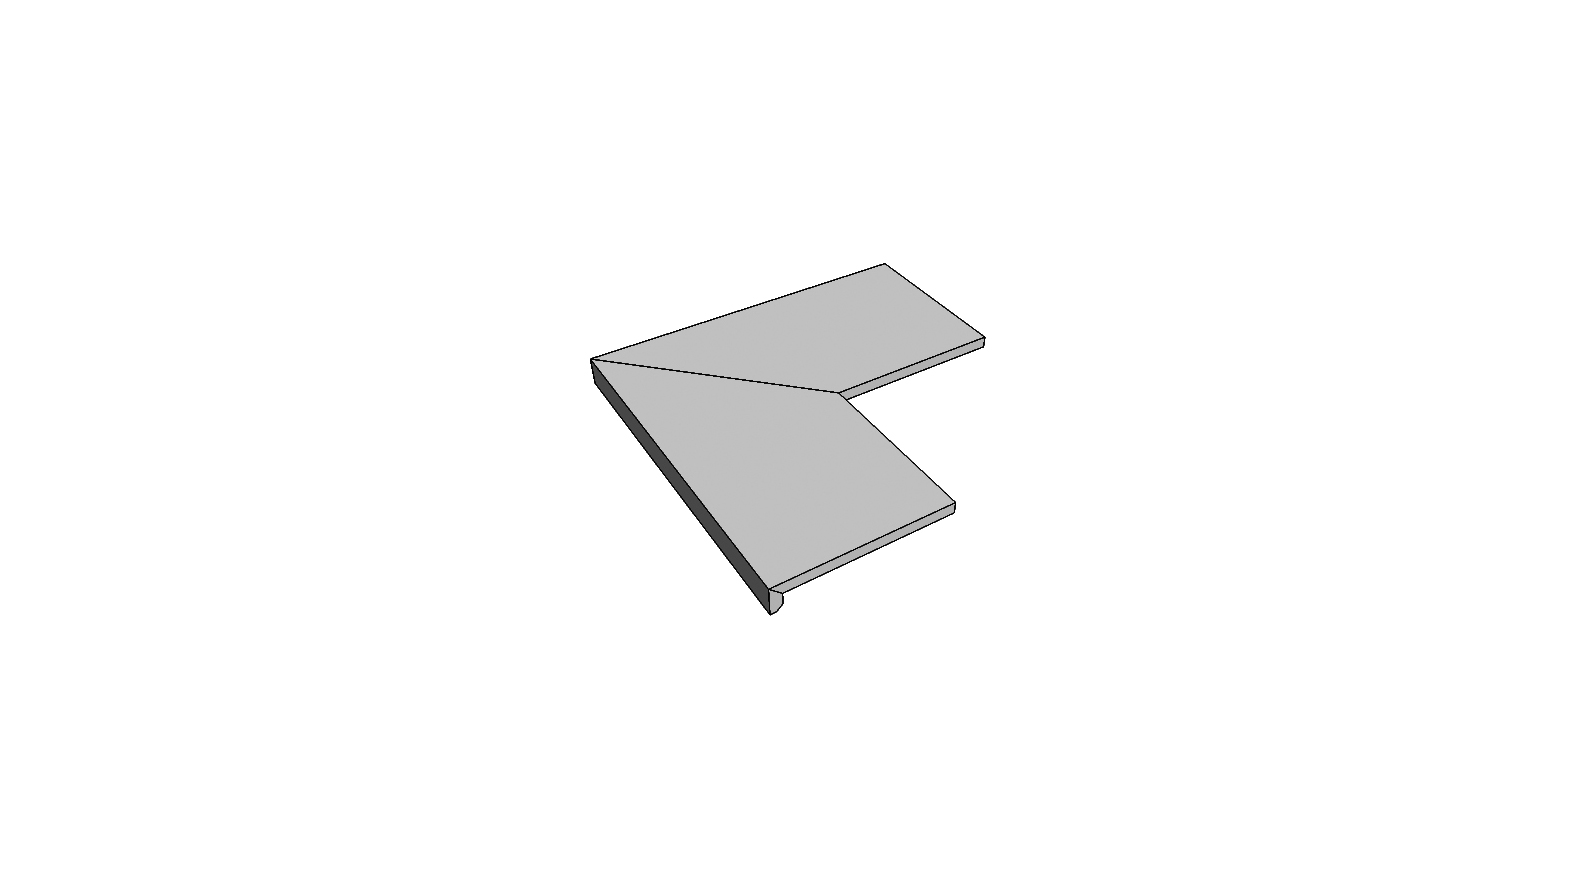 """Bordo a L incollato angolo esterno completo (2pz) <span style=""""white-space:nowrap;"""">30x60 cm</span>  <span style=""""white-space:nowrap;"""">sp. 20mm</span>"""